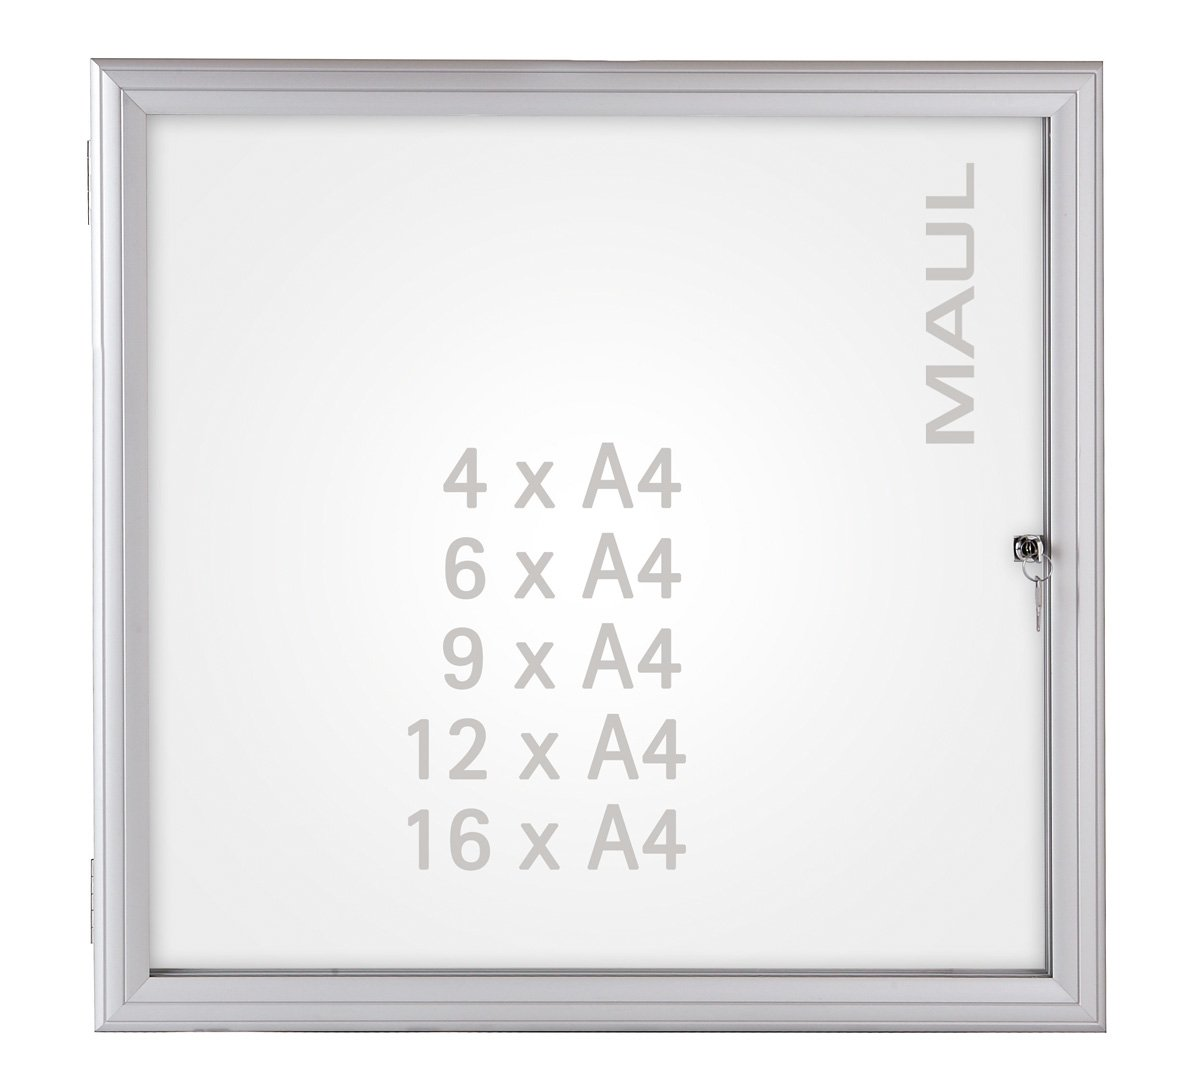 Schlagfest Ausstellungskasten f/ür Innen und Au/ßen Abschlie/ßbar Wasserdicht Schaukasten Lite von Mydisplays 6 x A4